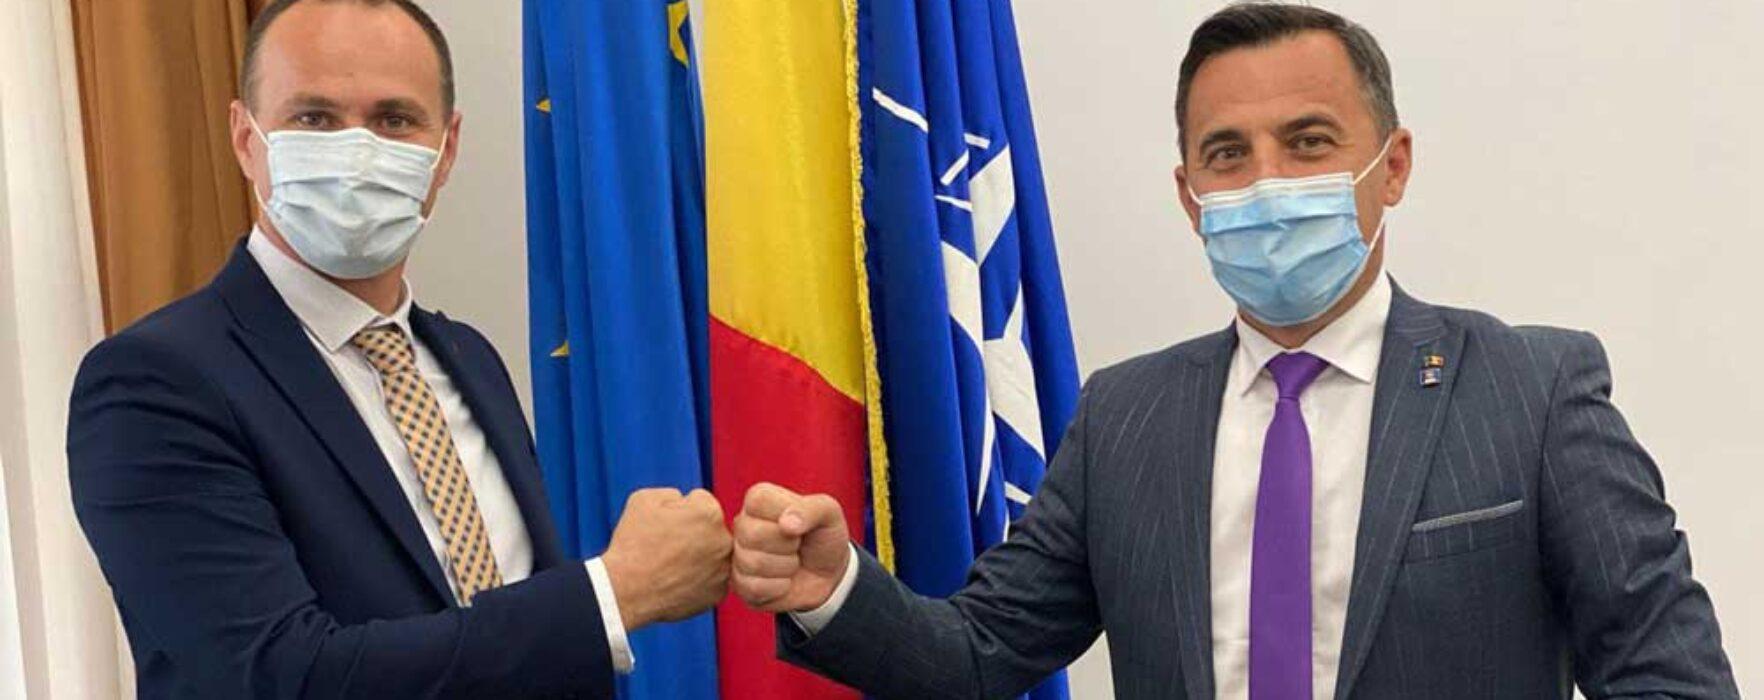 """Cotinescu (PNL) ironizat de târgovişteni după ce s-a lăudat că a vorbit cu ministrul """"Grindă"""" despre noul stadion"""